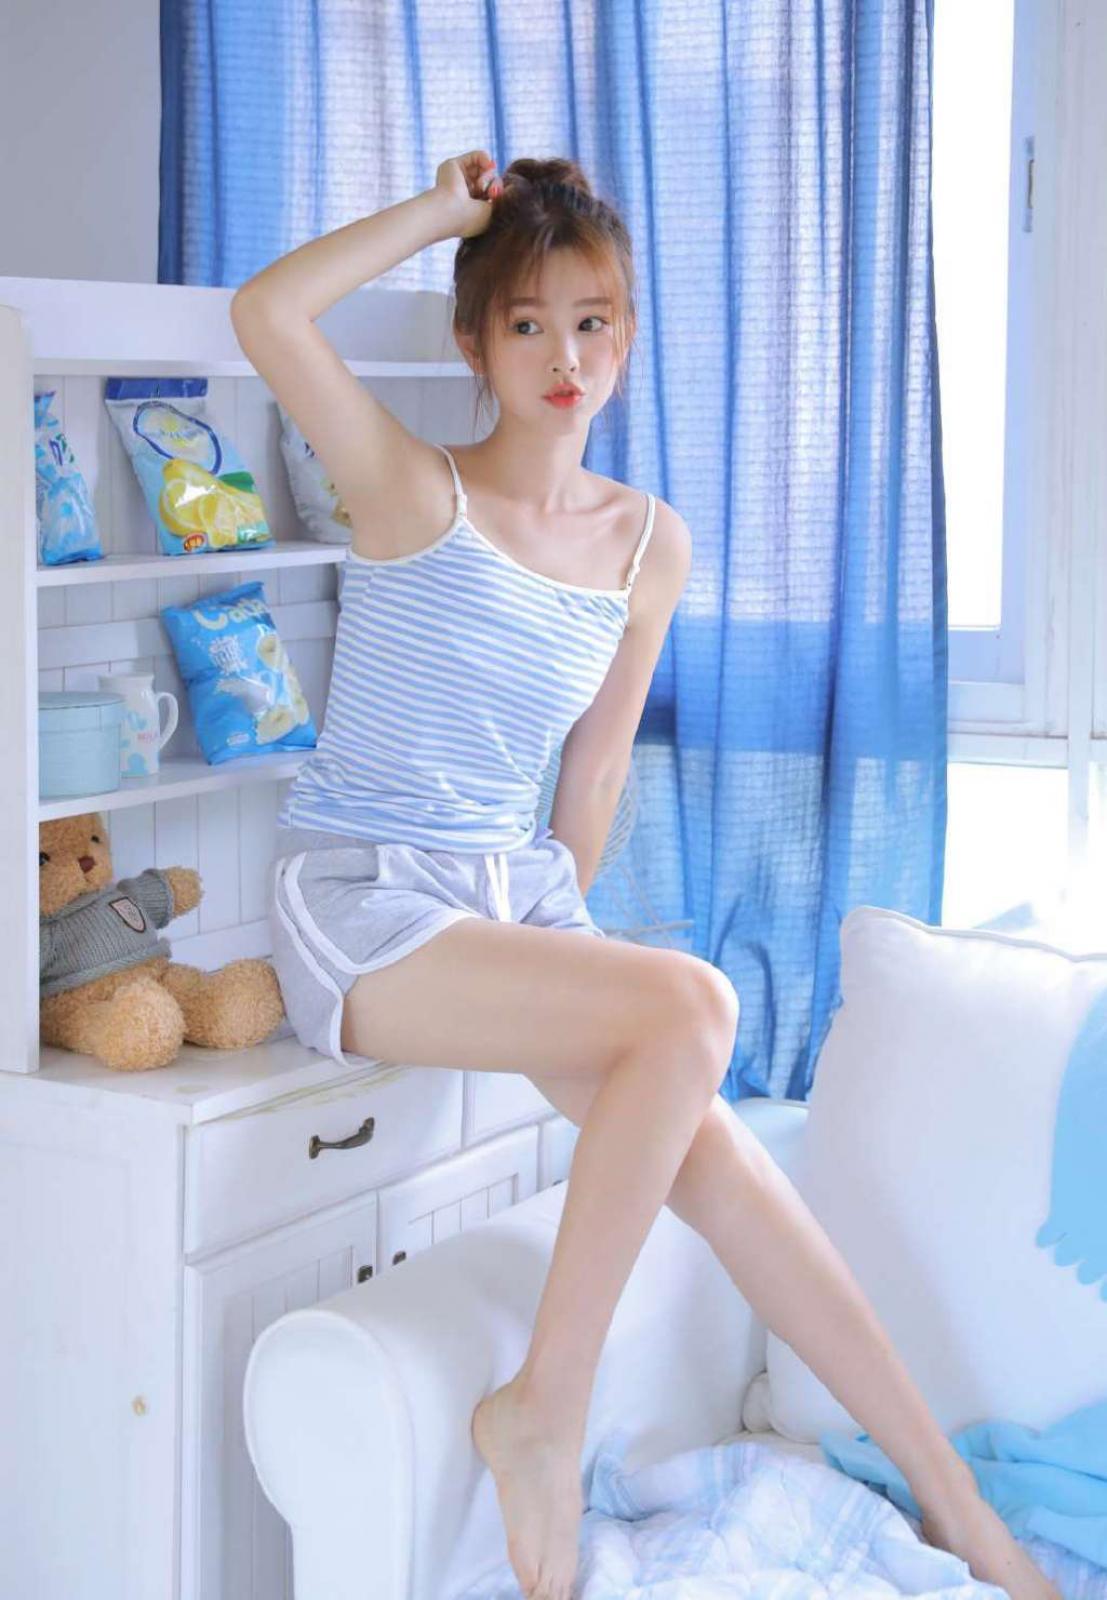 性感美女吊带美女图片,吊带美女诱惑性感私房美腿写真 套图